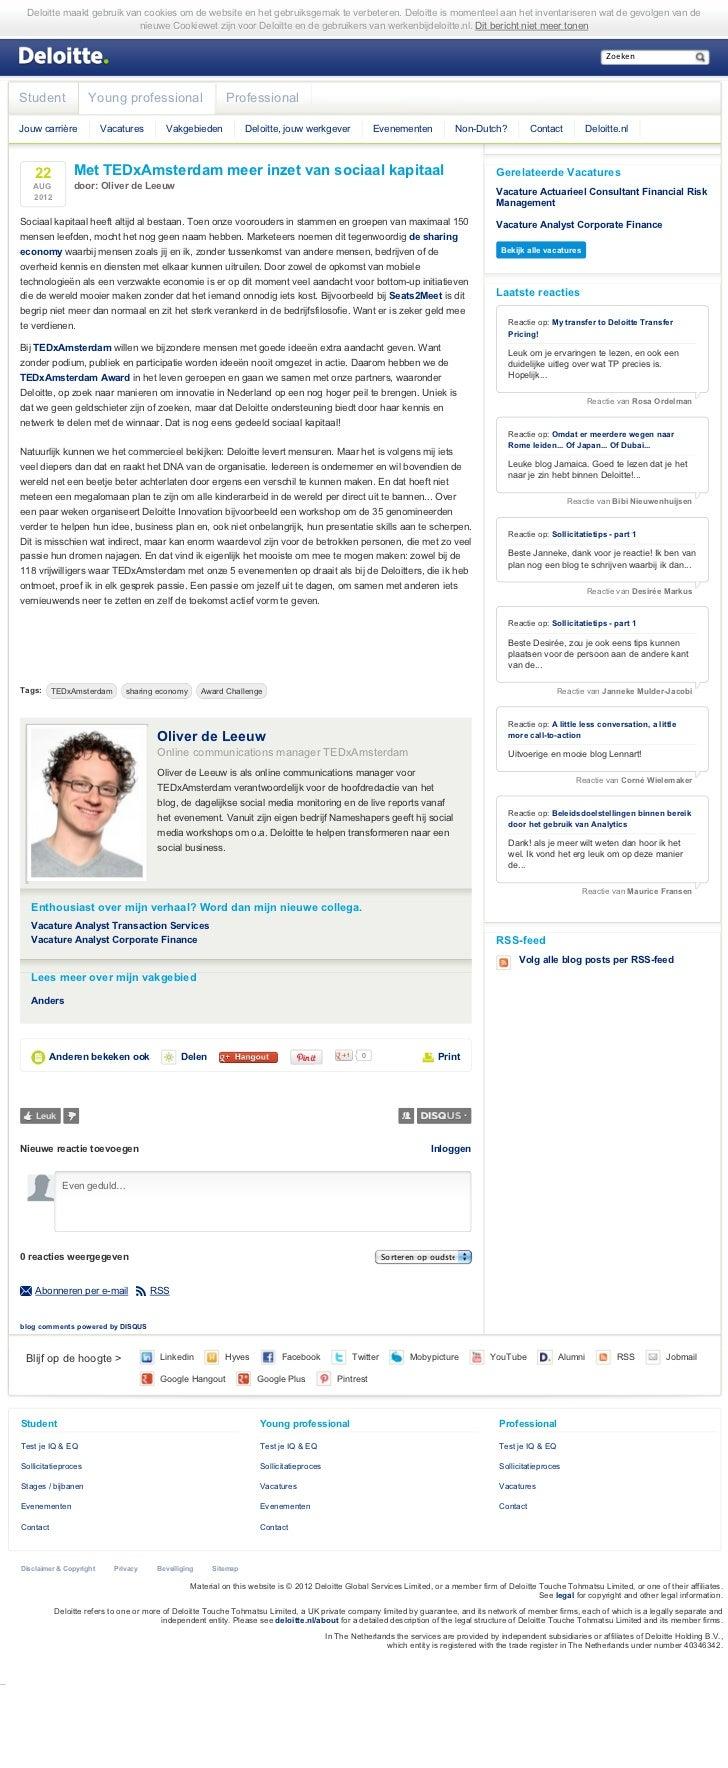 Met TEDxAmsterdam Meer Inzet Van Sociaal Kapitaal - Blog Oliver de Leeuw - Werken Bij Deloitte (22-08-2012)